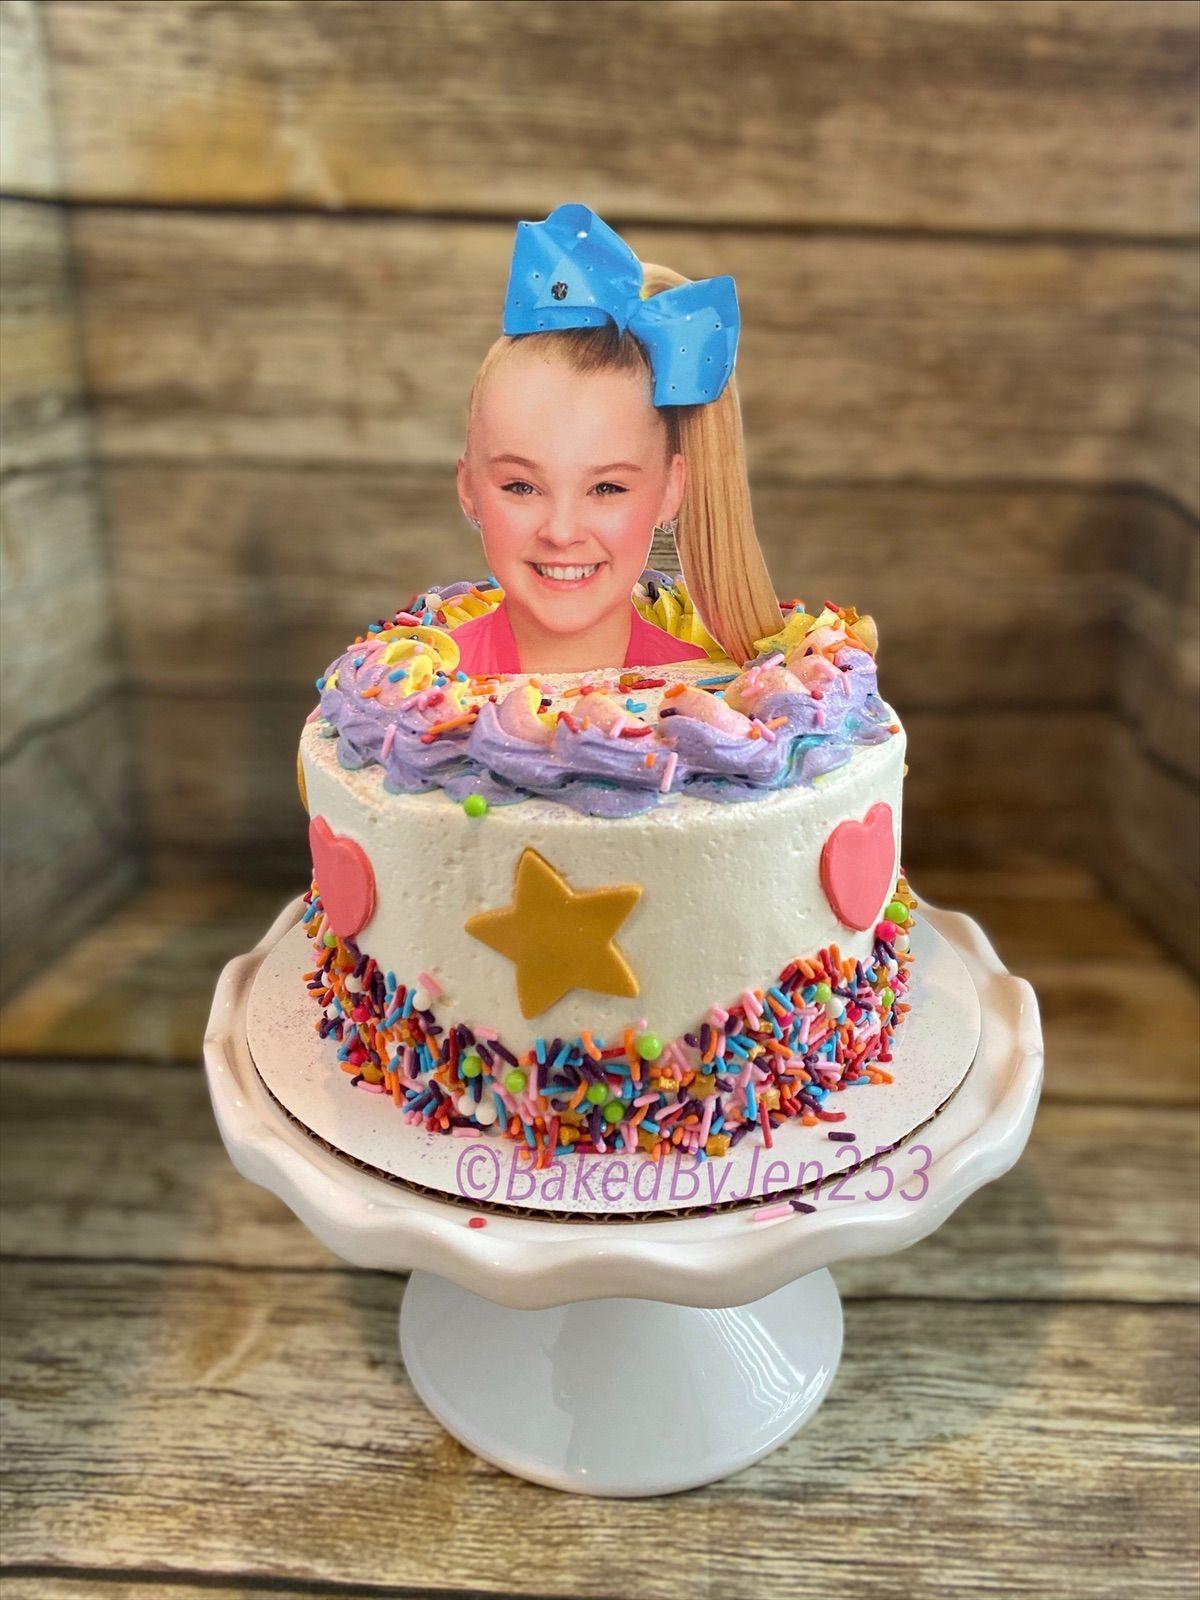 JoJo Siwa cake in 2020 Cake, Birthday cake, Desserts